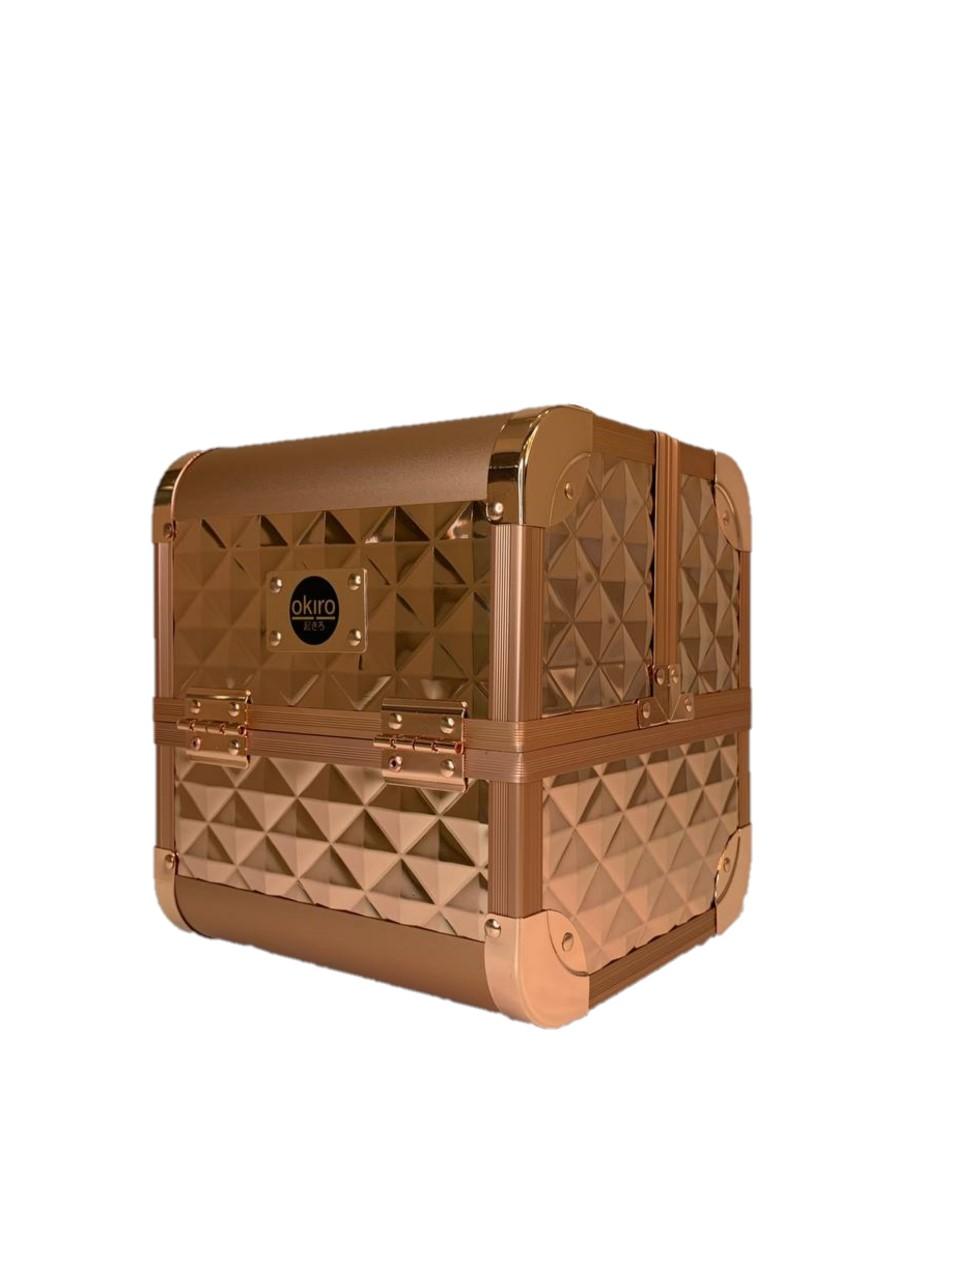 Бьюти кейс для косметики OKIRO MUC 064 (золотой бриллиант) - изображение